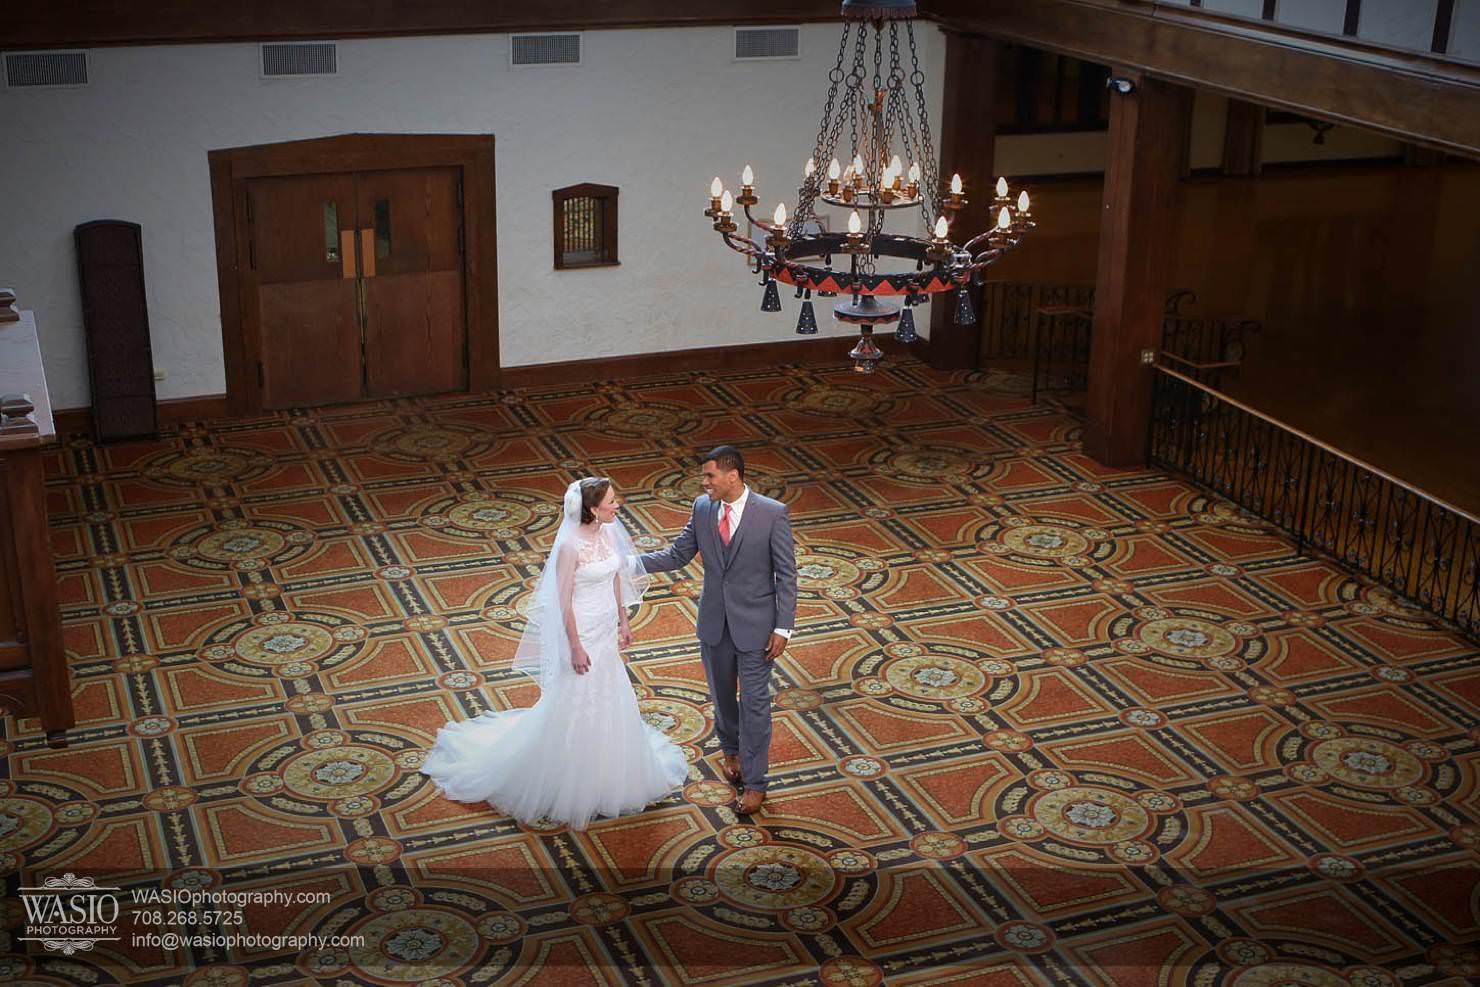 wedding-first-look-golf-club-romantic Chevy Chase Country Club Wedding - Elizabeth & Michael